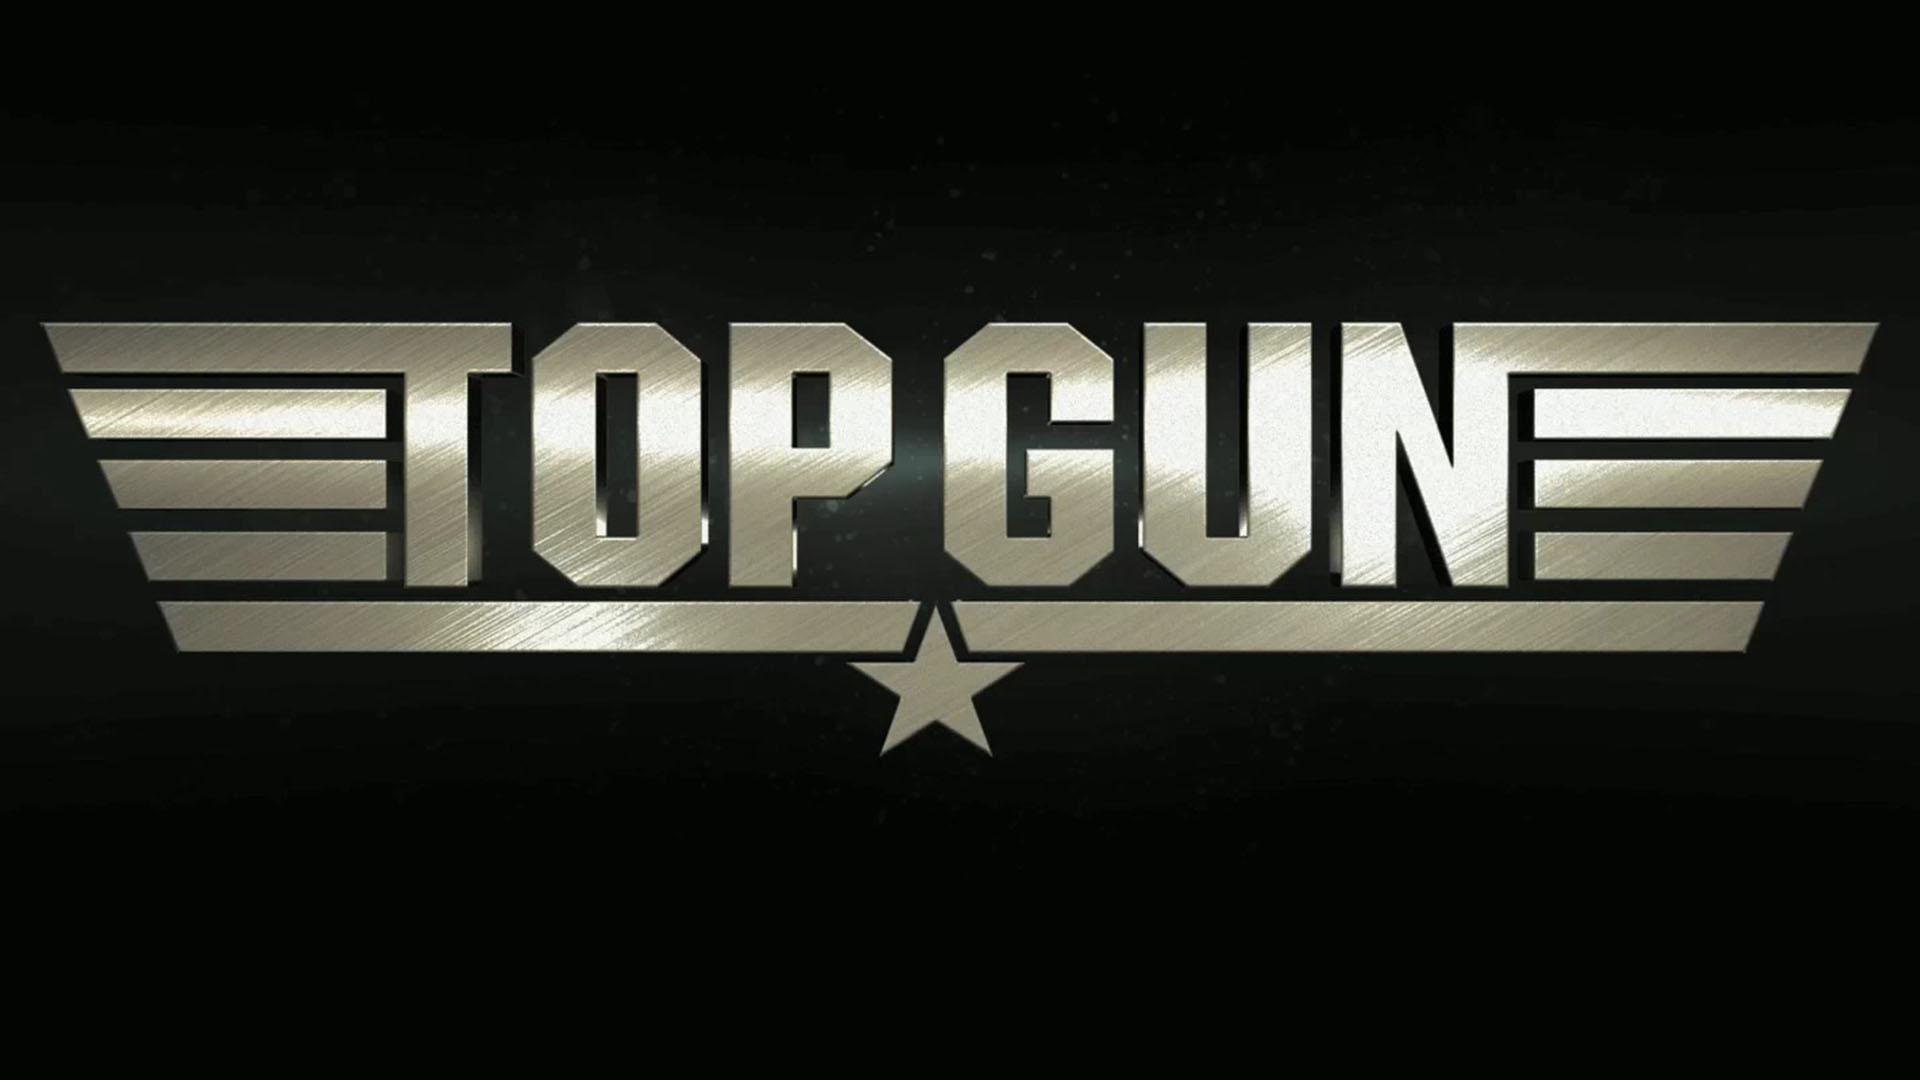 Top Gun Wallpaper 2 1920x1080